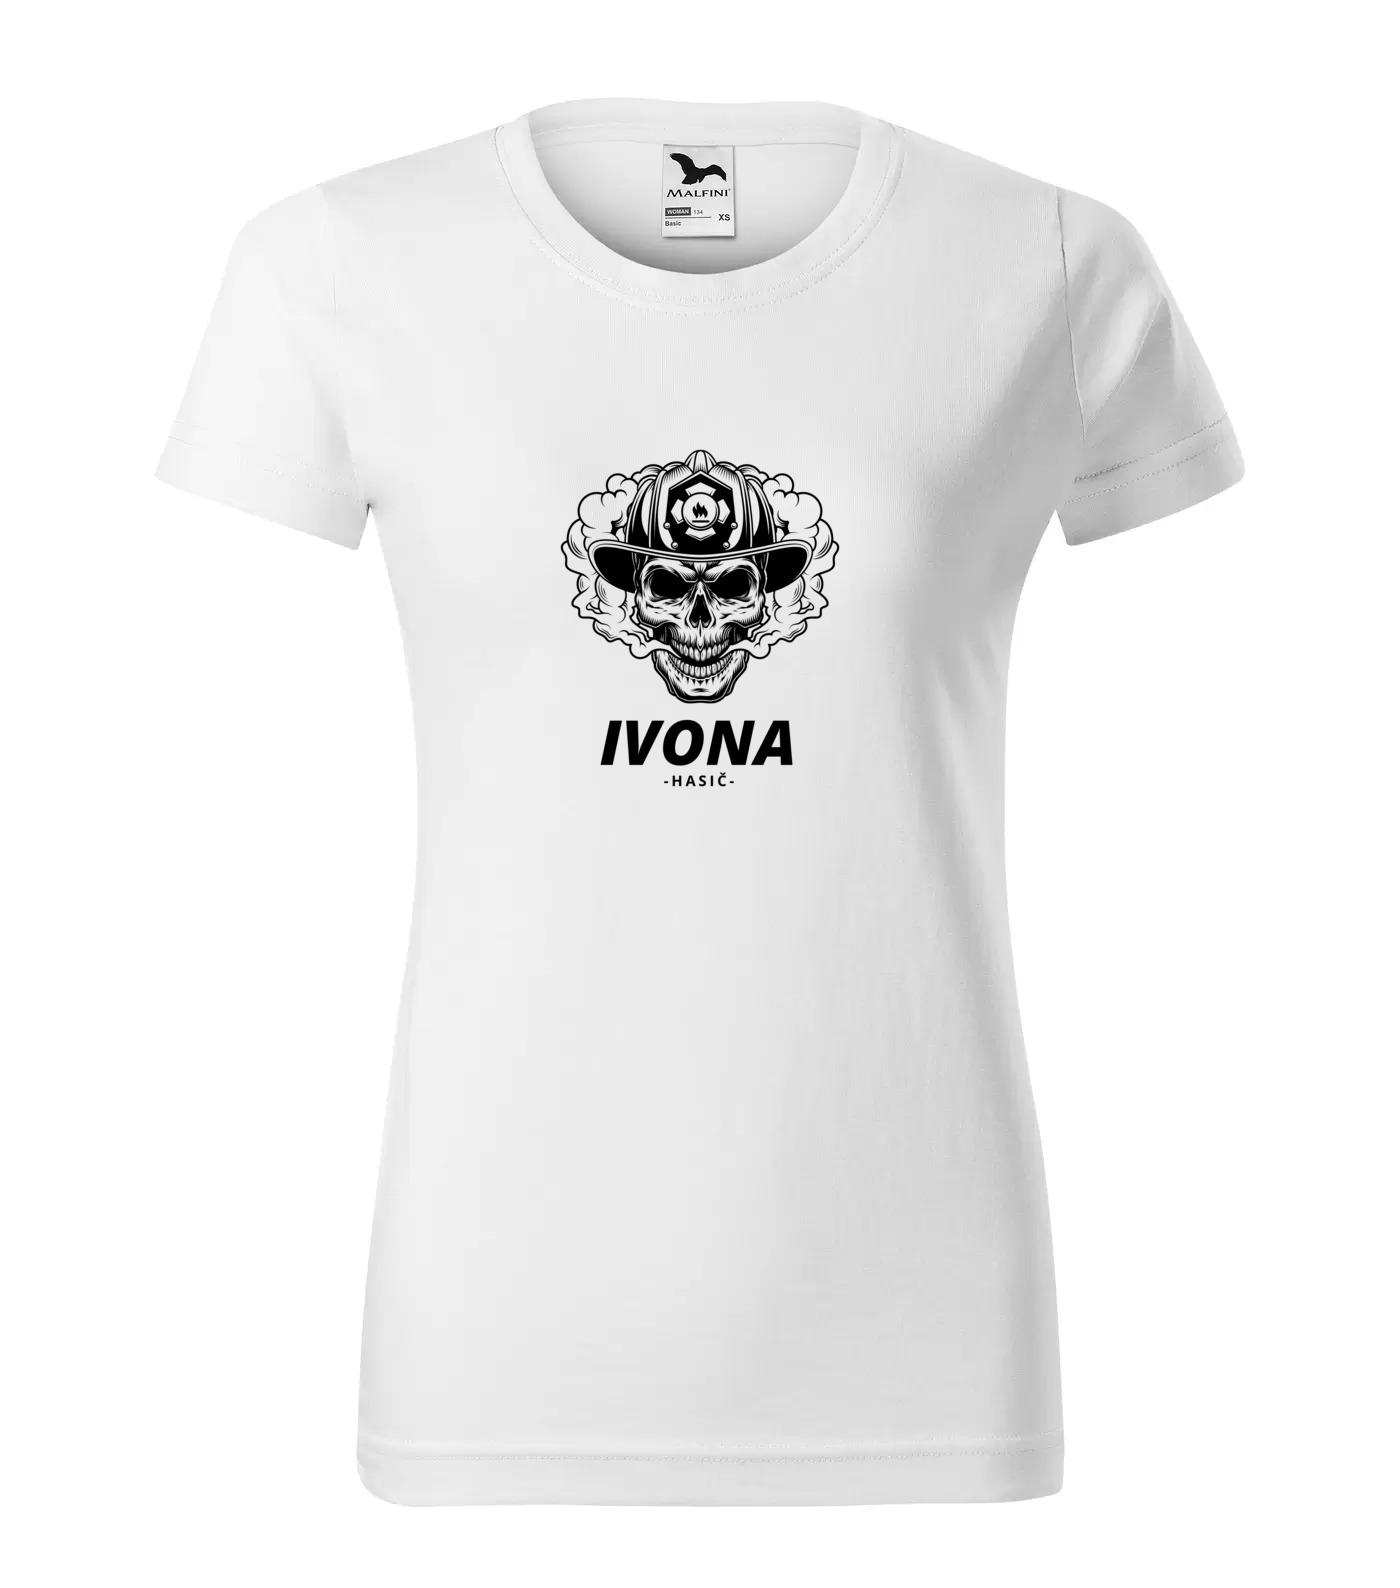 Tričko Hasič Ivona